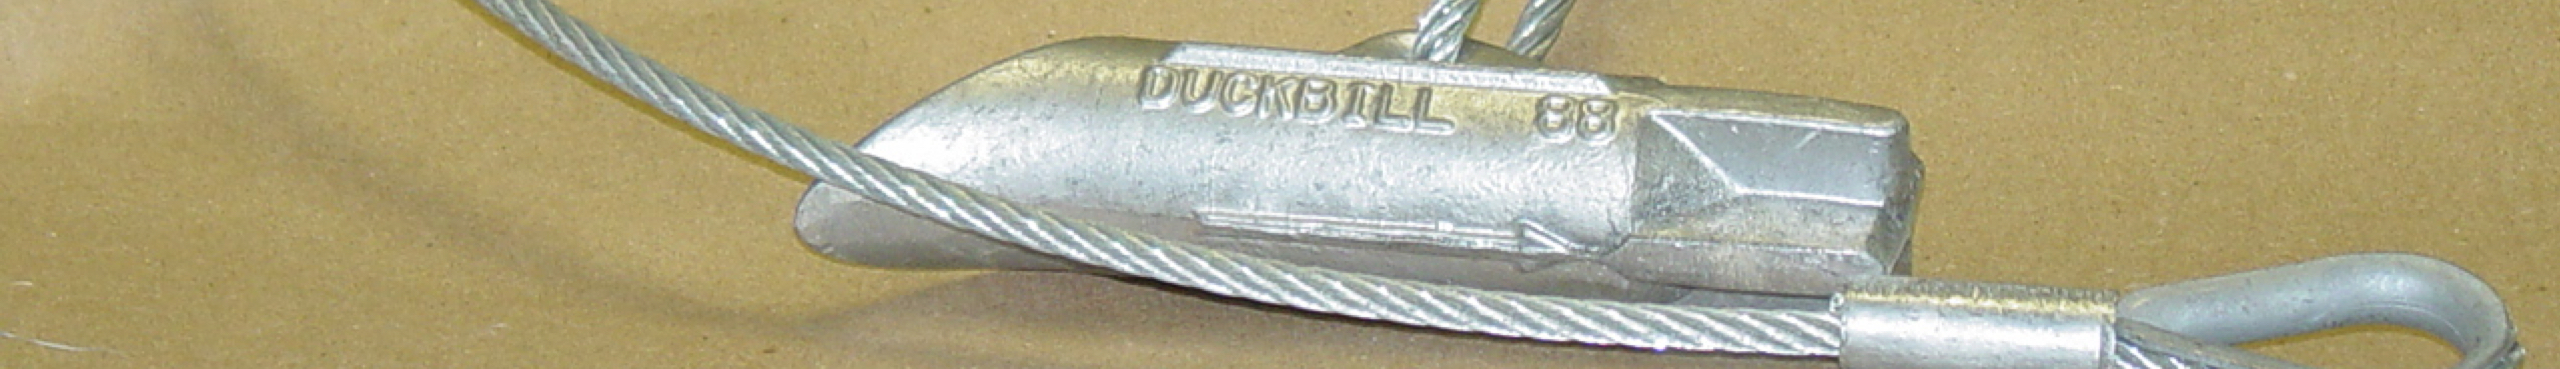 Nursery - Duckbill Earth Anchors